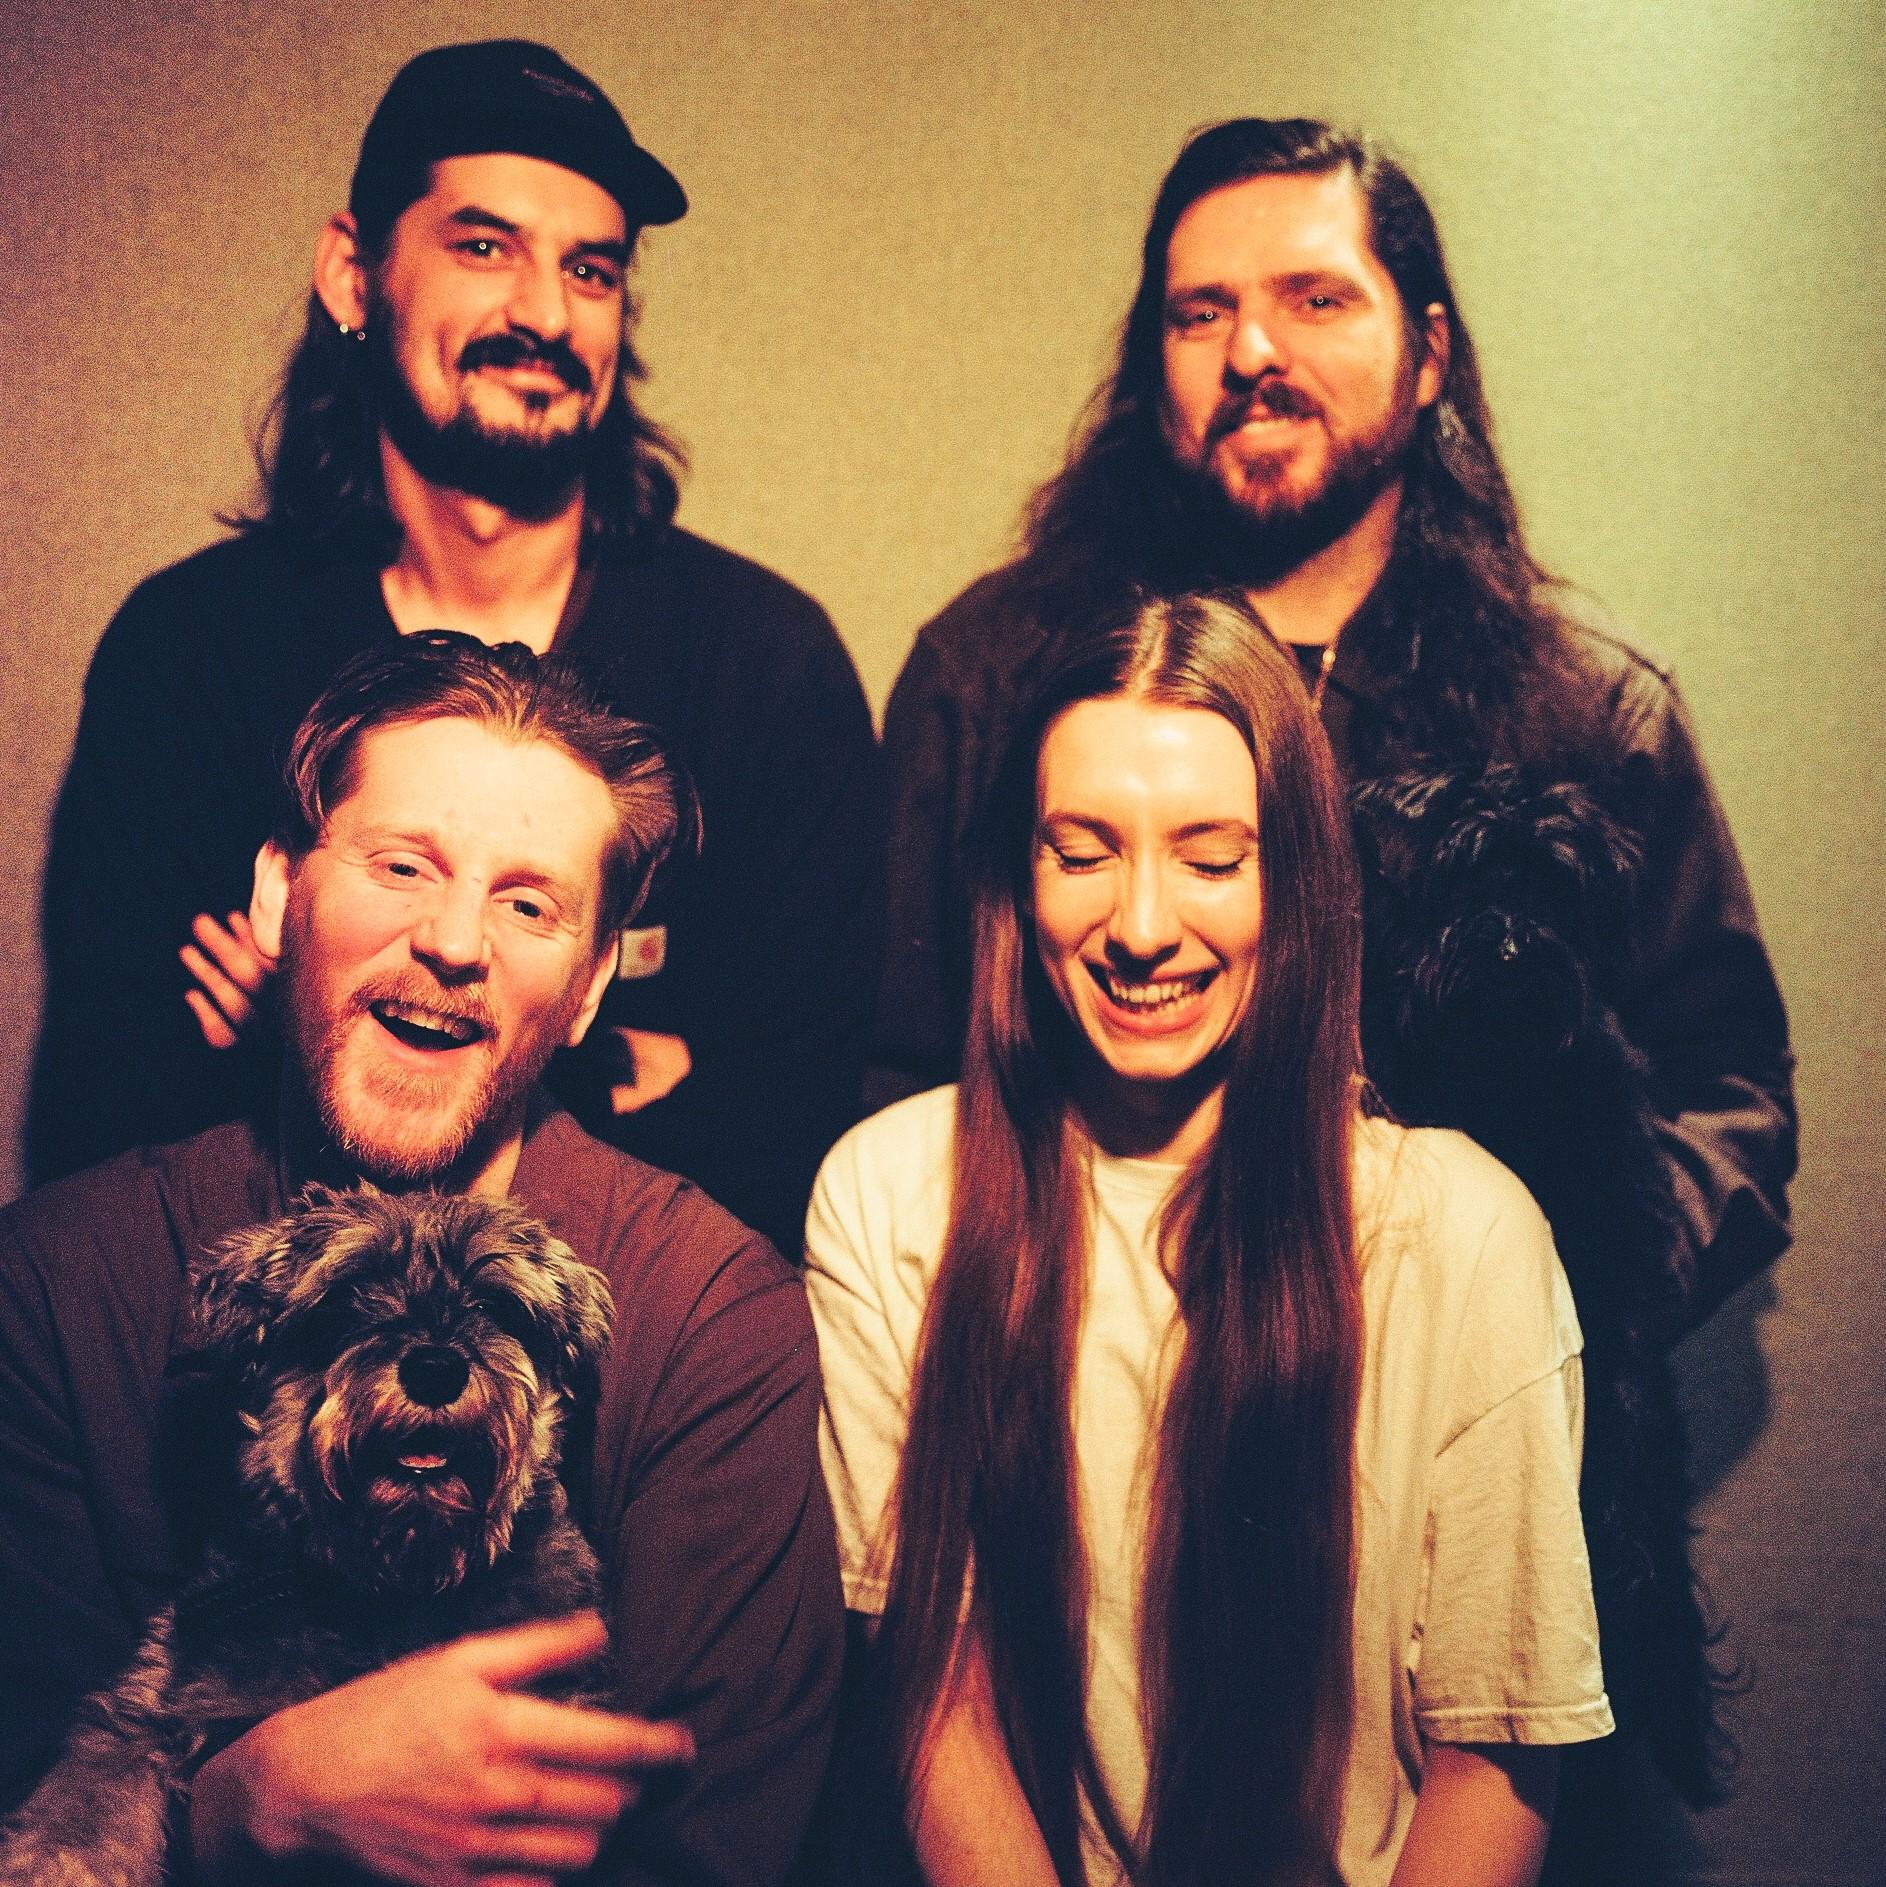 'Dry Cleaning' melden sich mit gelungenem Debüt-Album aus der Londoner Indie-Szene